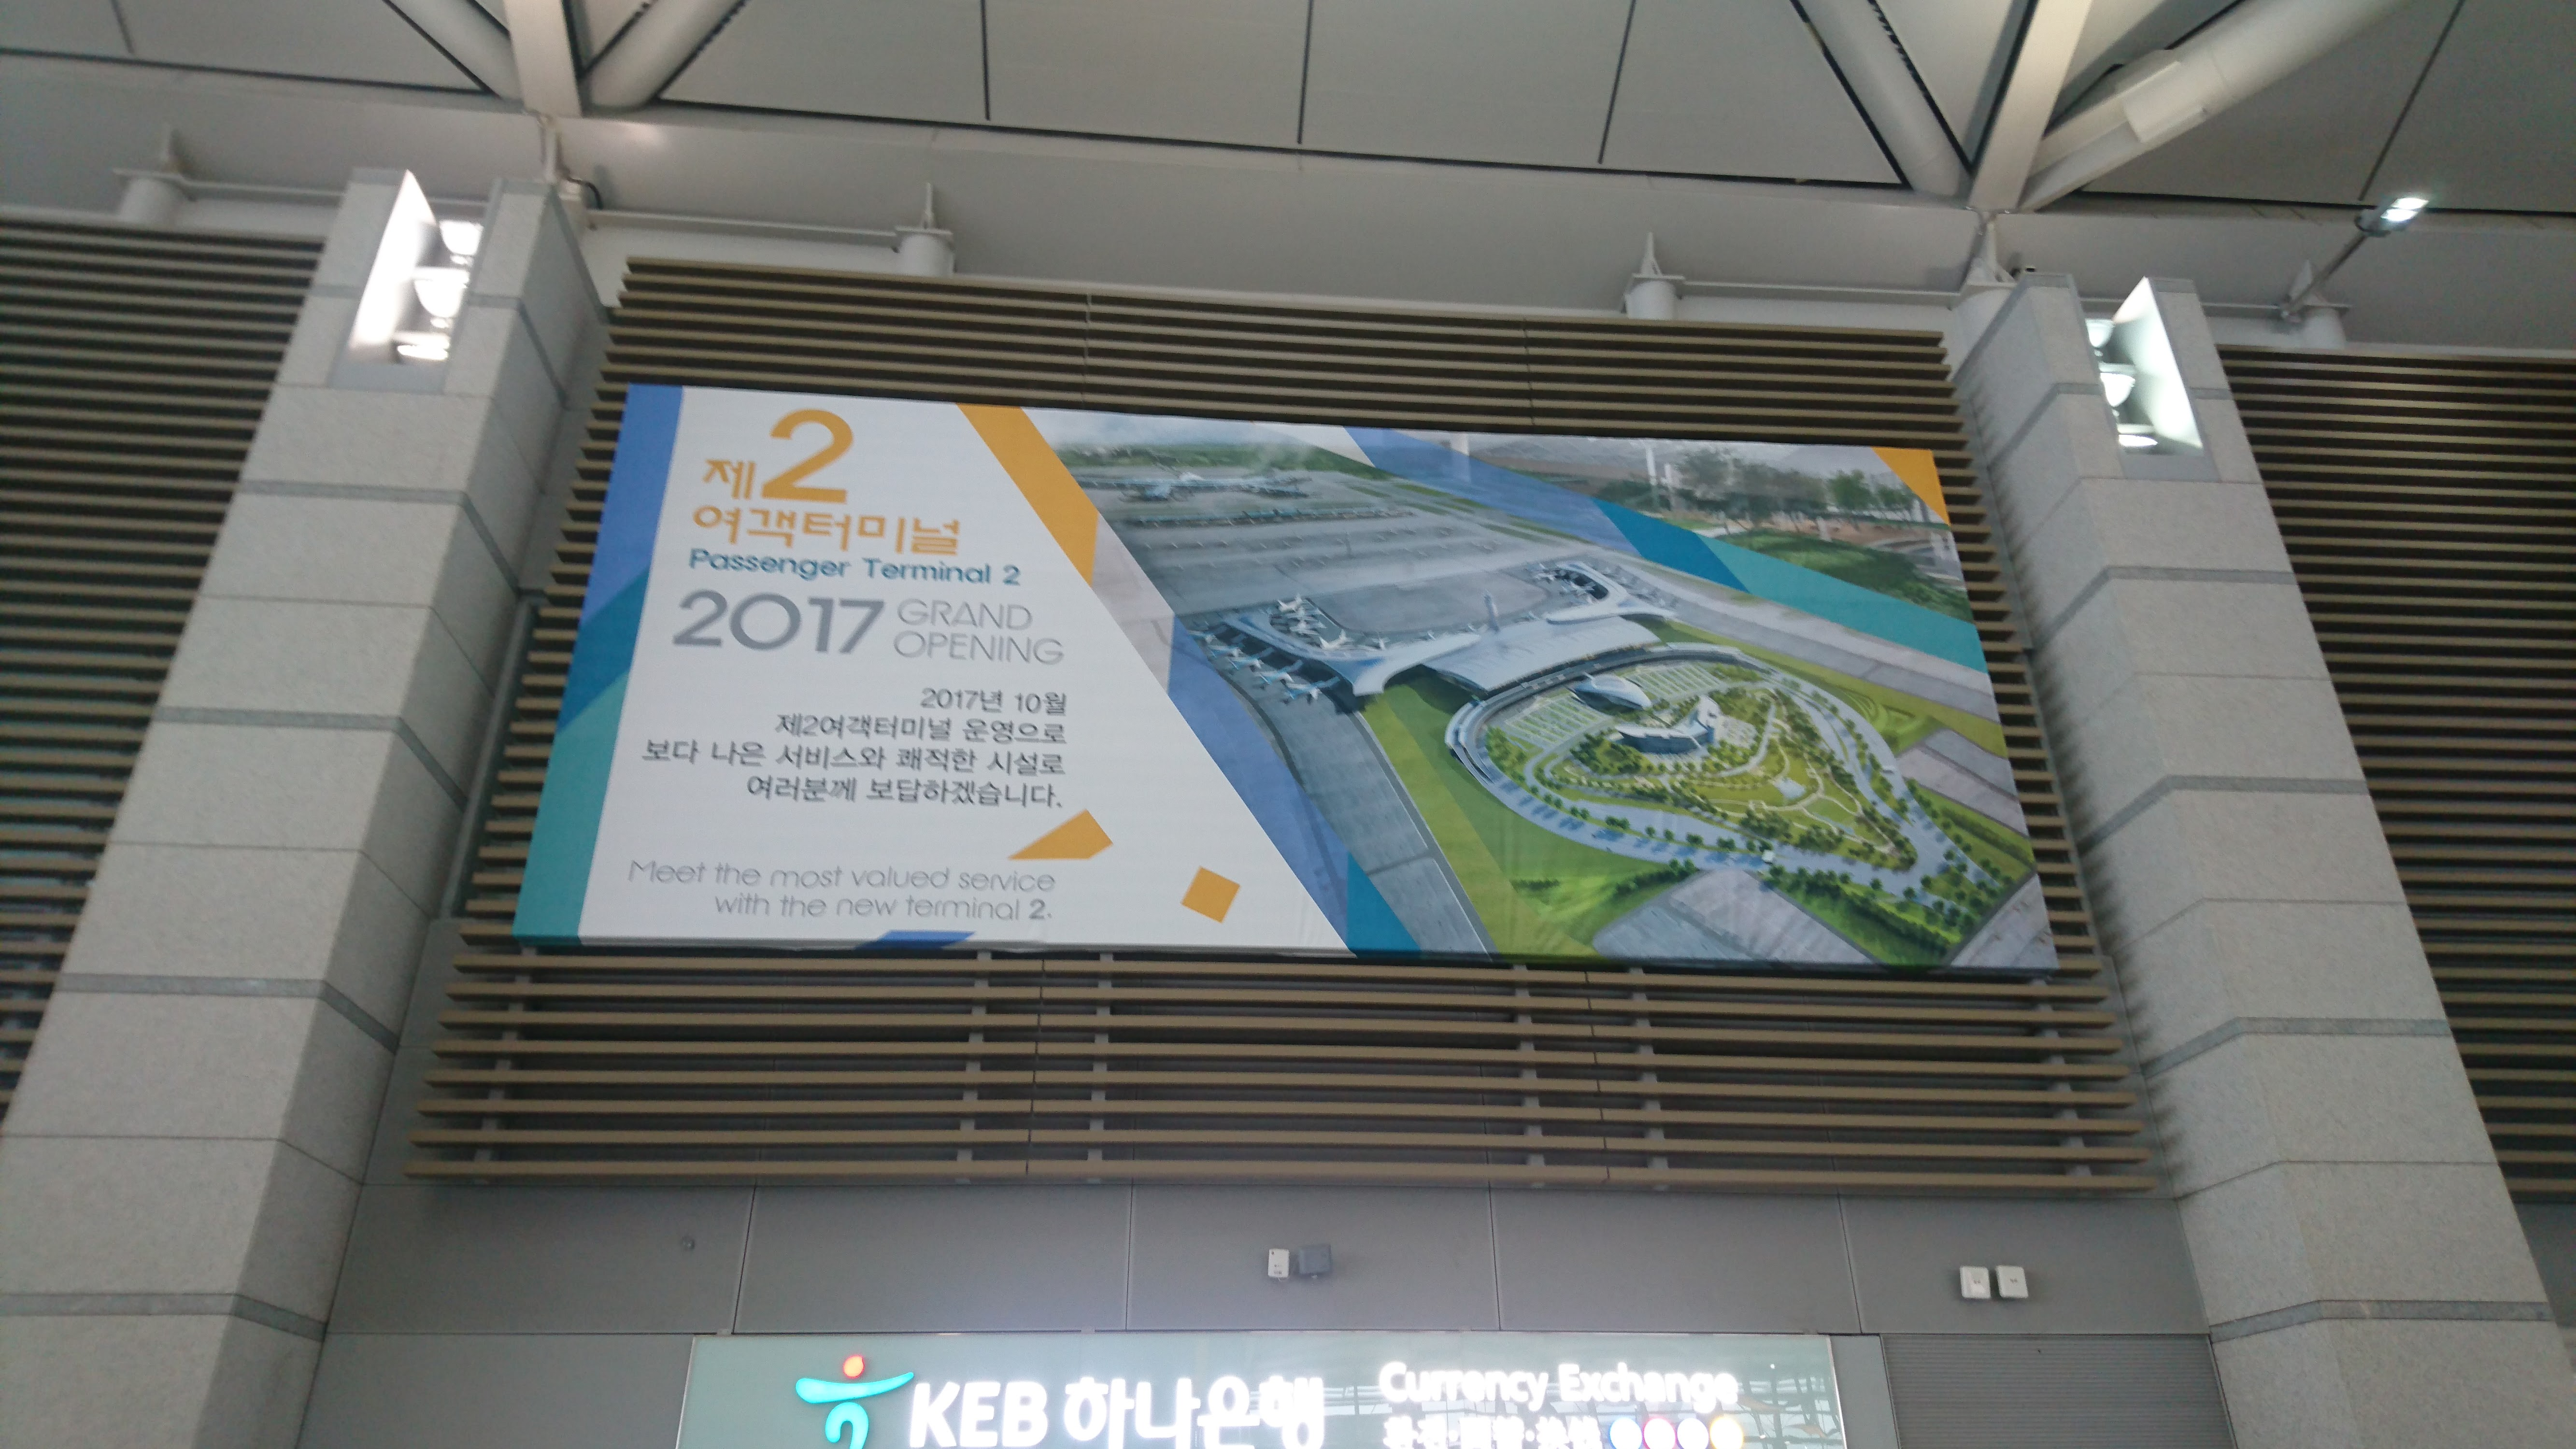 2017年には仁川国際空港に新しい第二旅客ターミナルができるようです。成田も負けないよう頑張ってほしいところです。